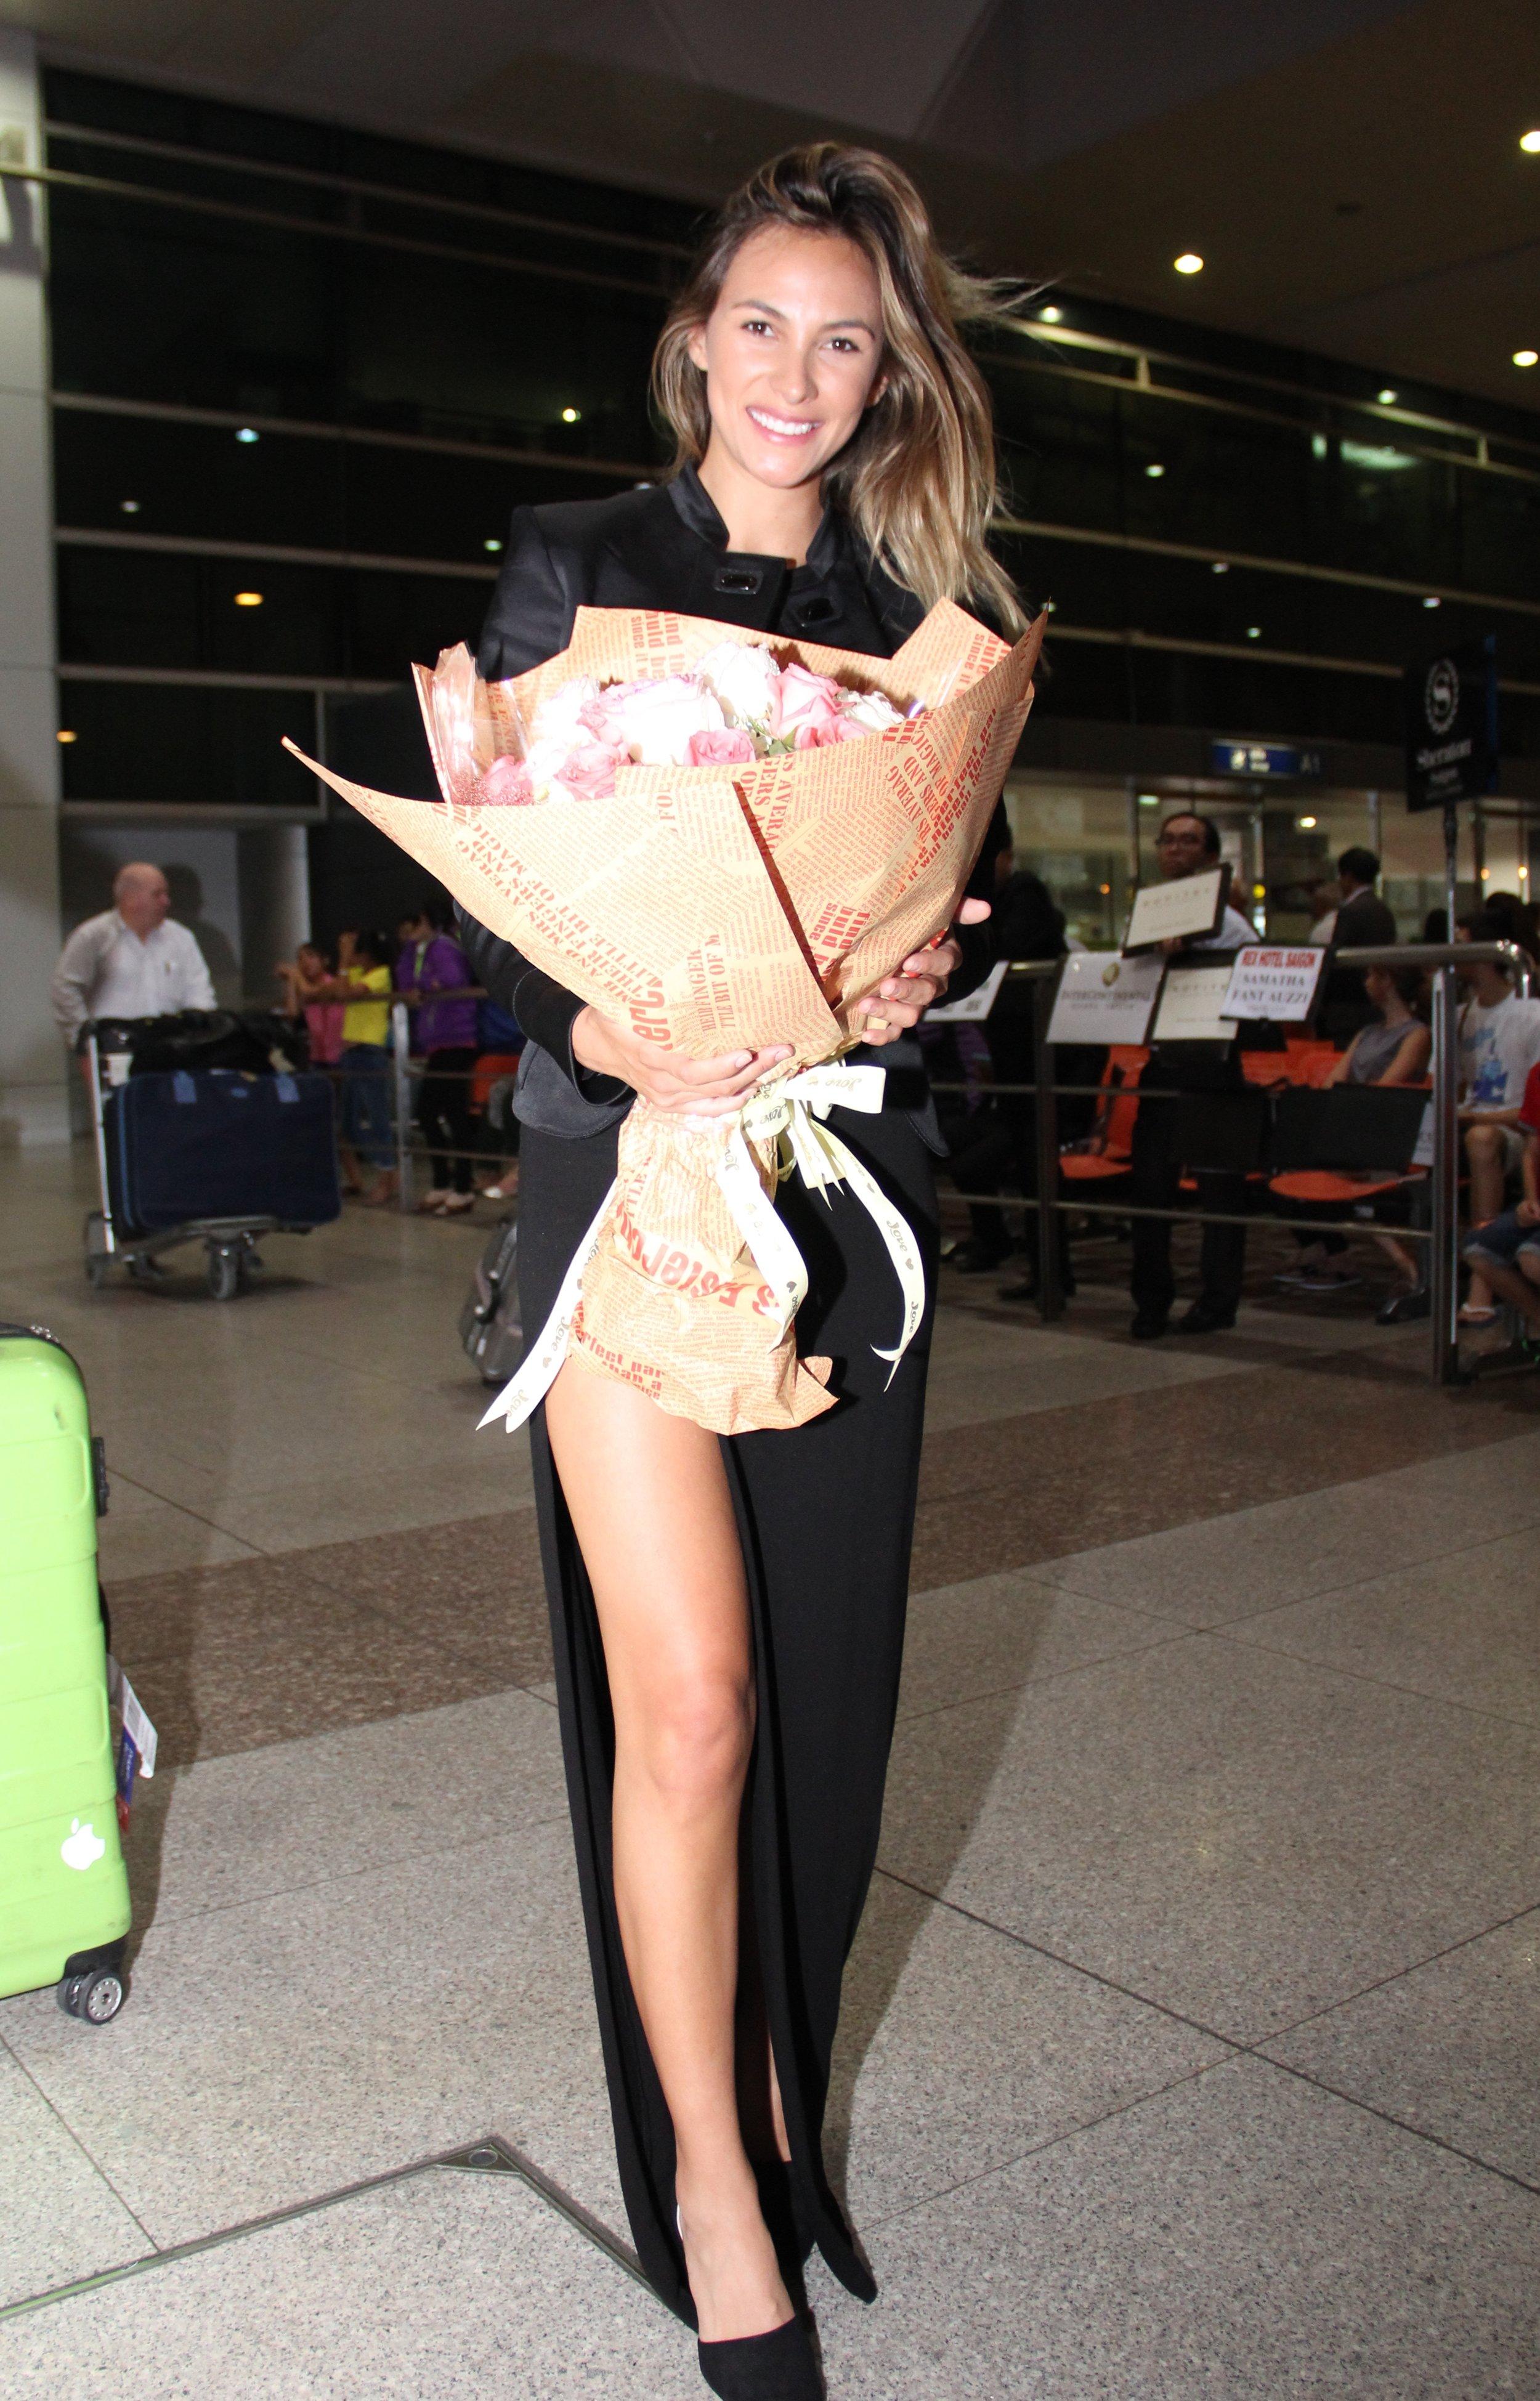 Hoa hậu Venezuela rạng rỡ tại sân bay TP. Hồ Chí Minh 1